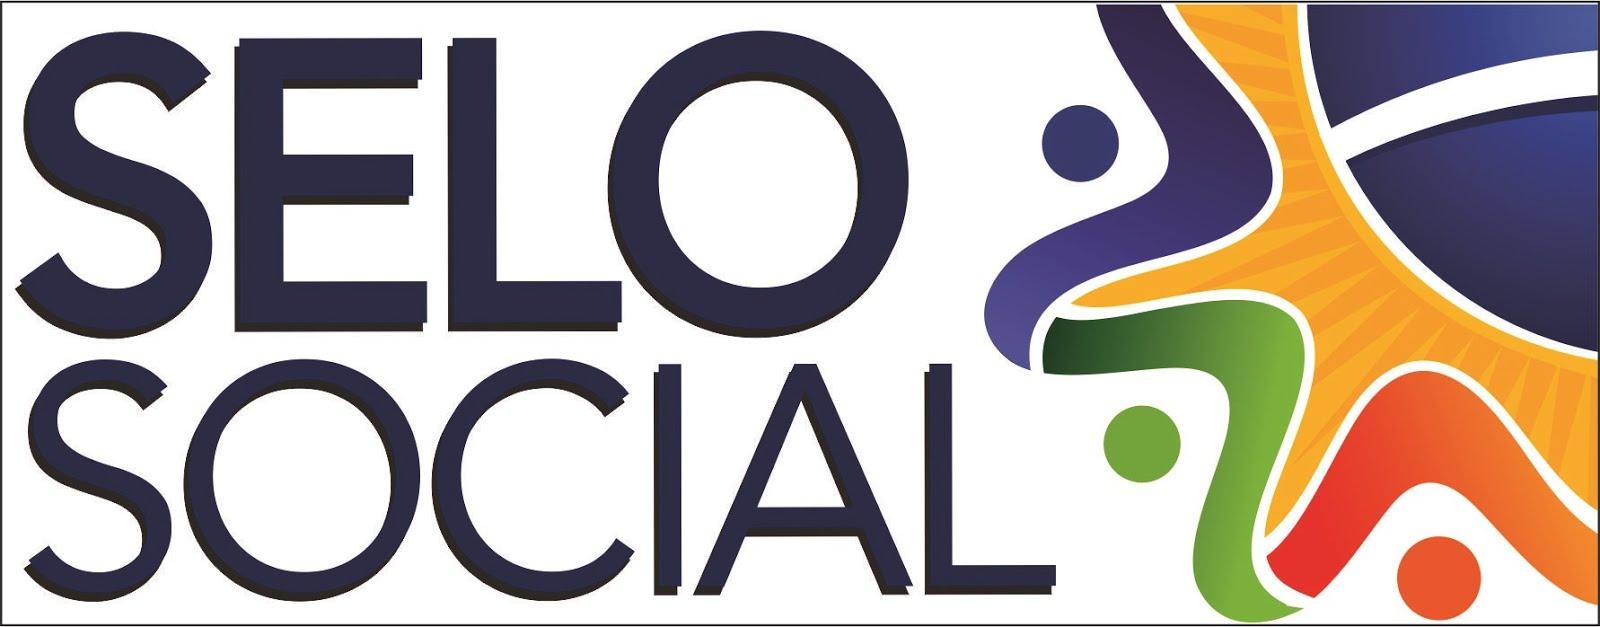 Nossos projetos no Selo Social